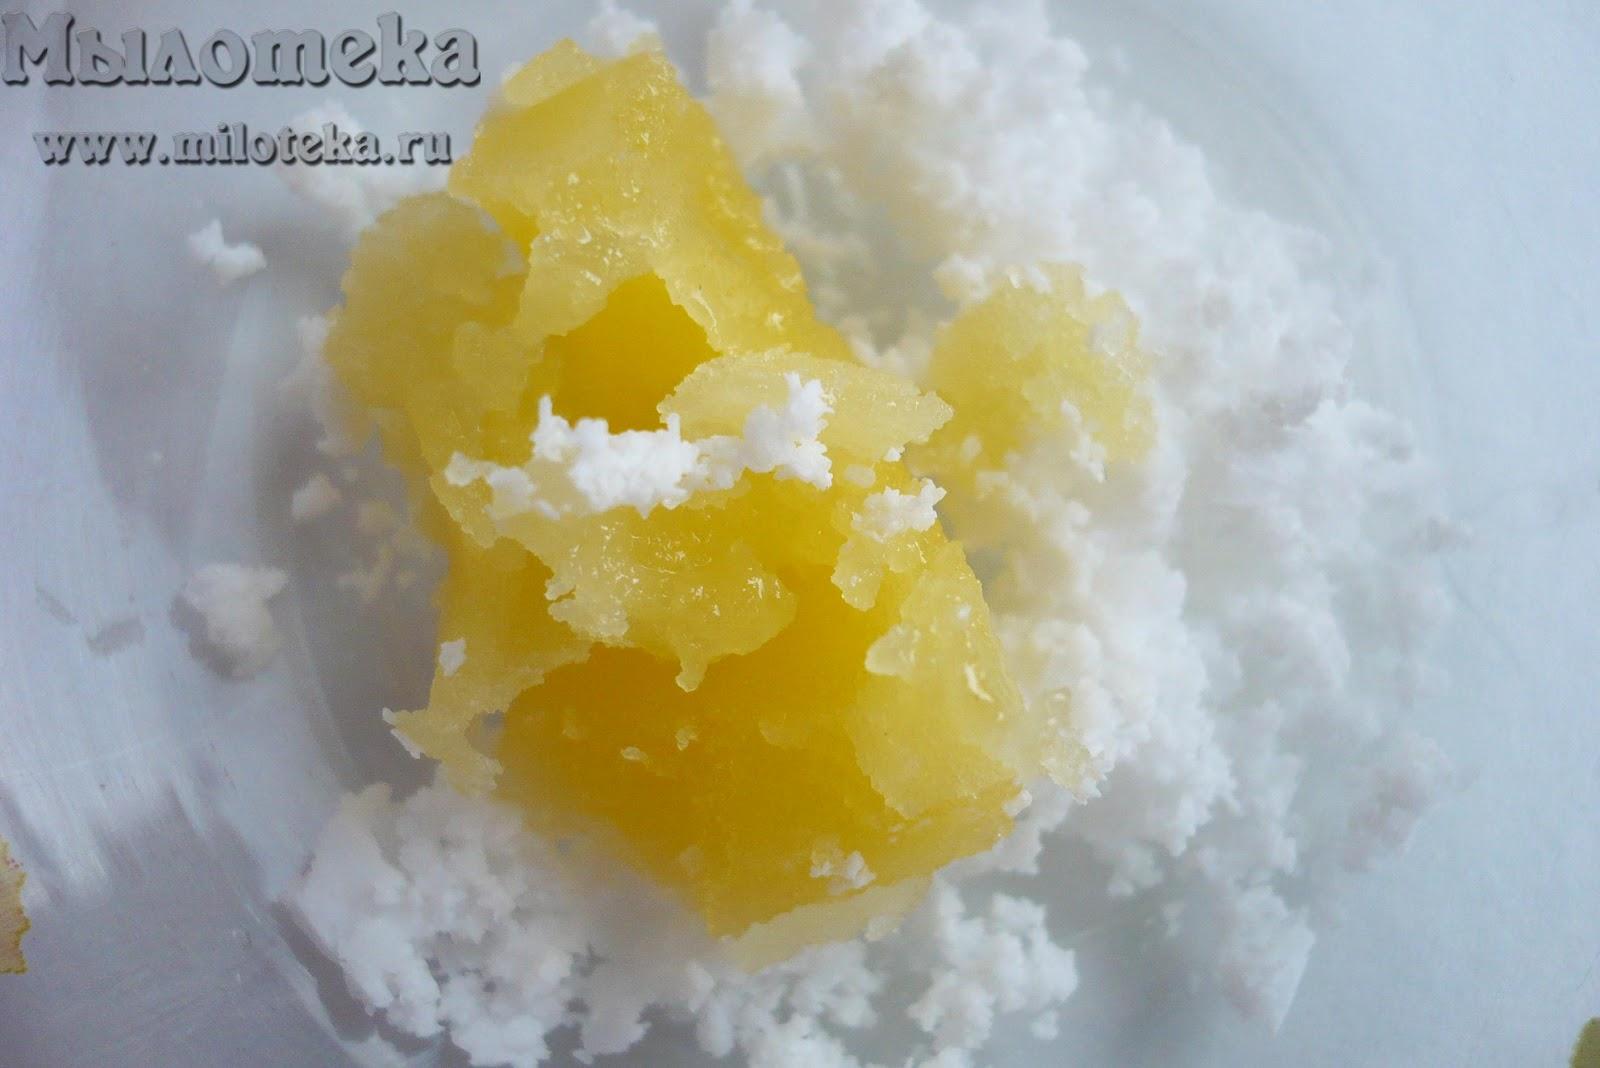 Маска аспирин с медом рецепт